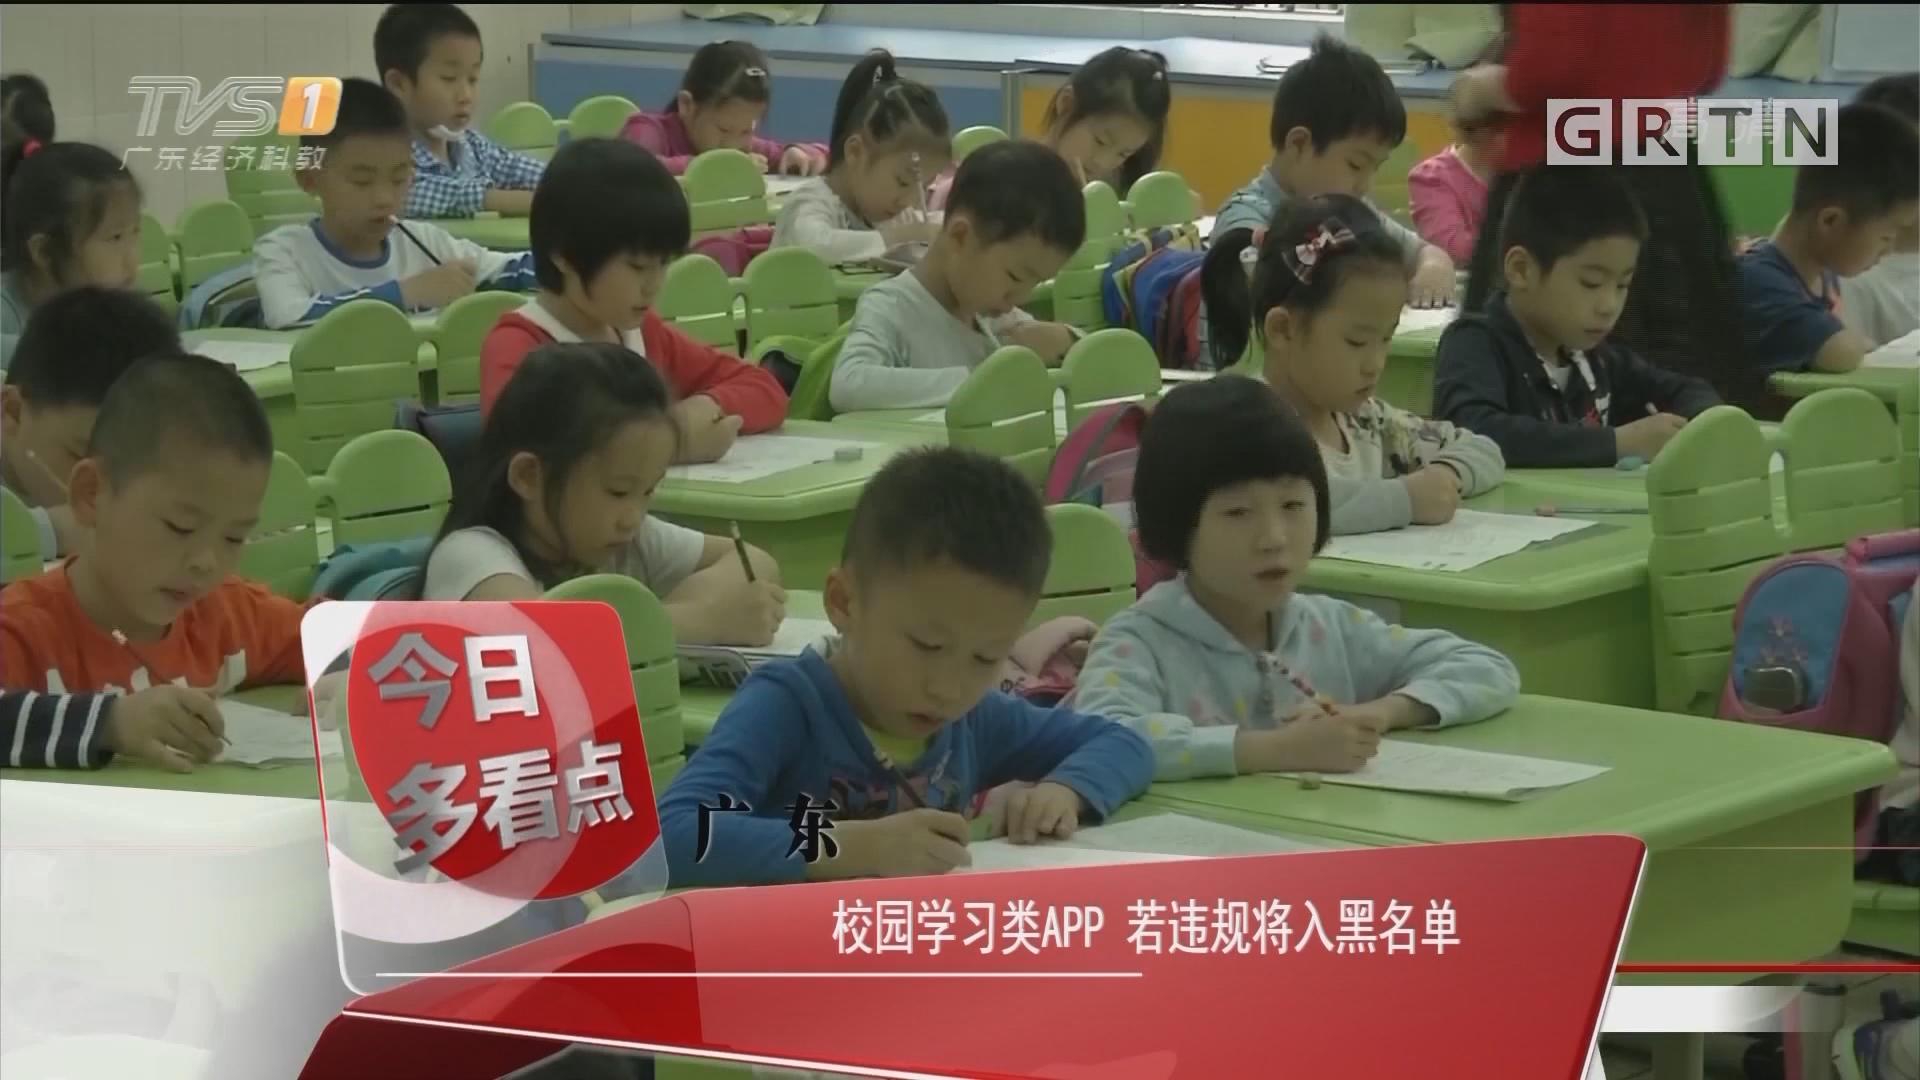 广东:校园学习类APP 若违规将入黑名单